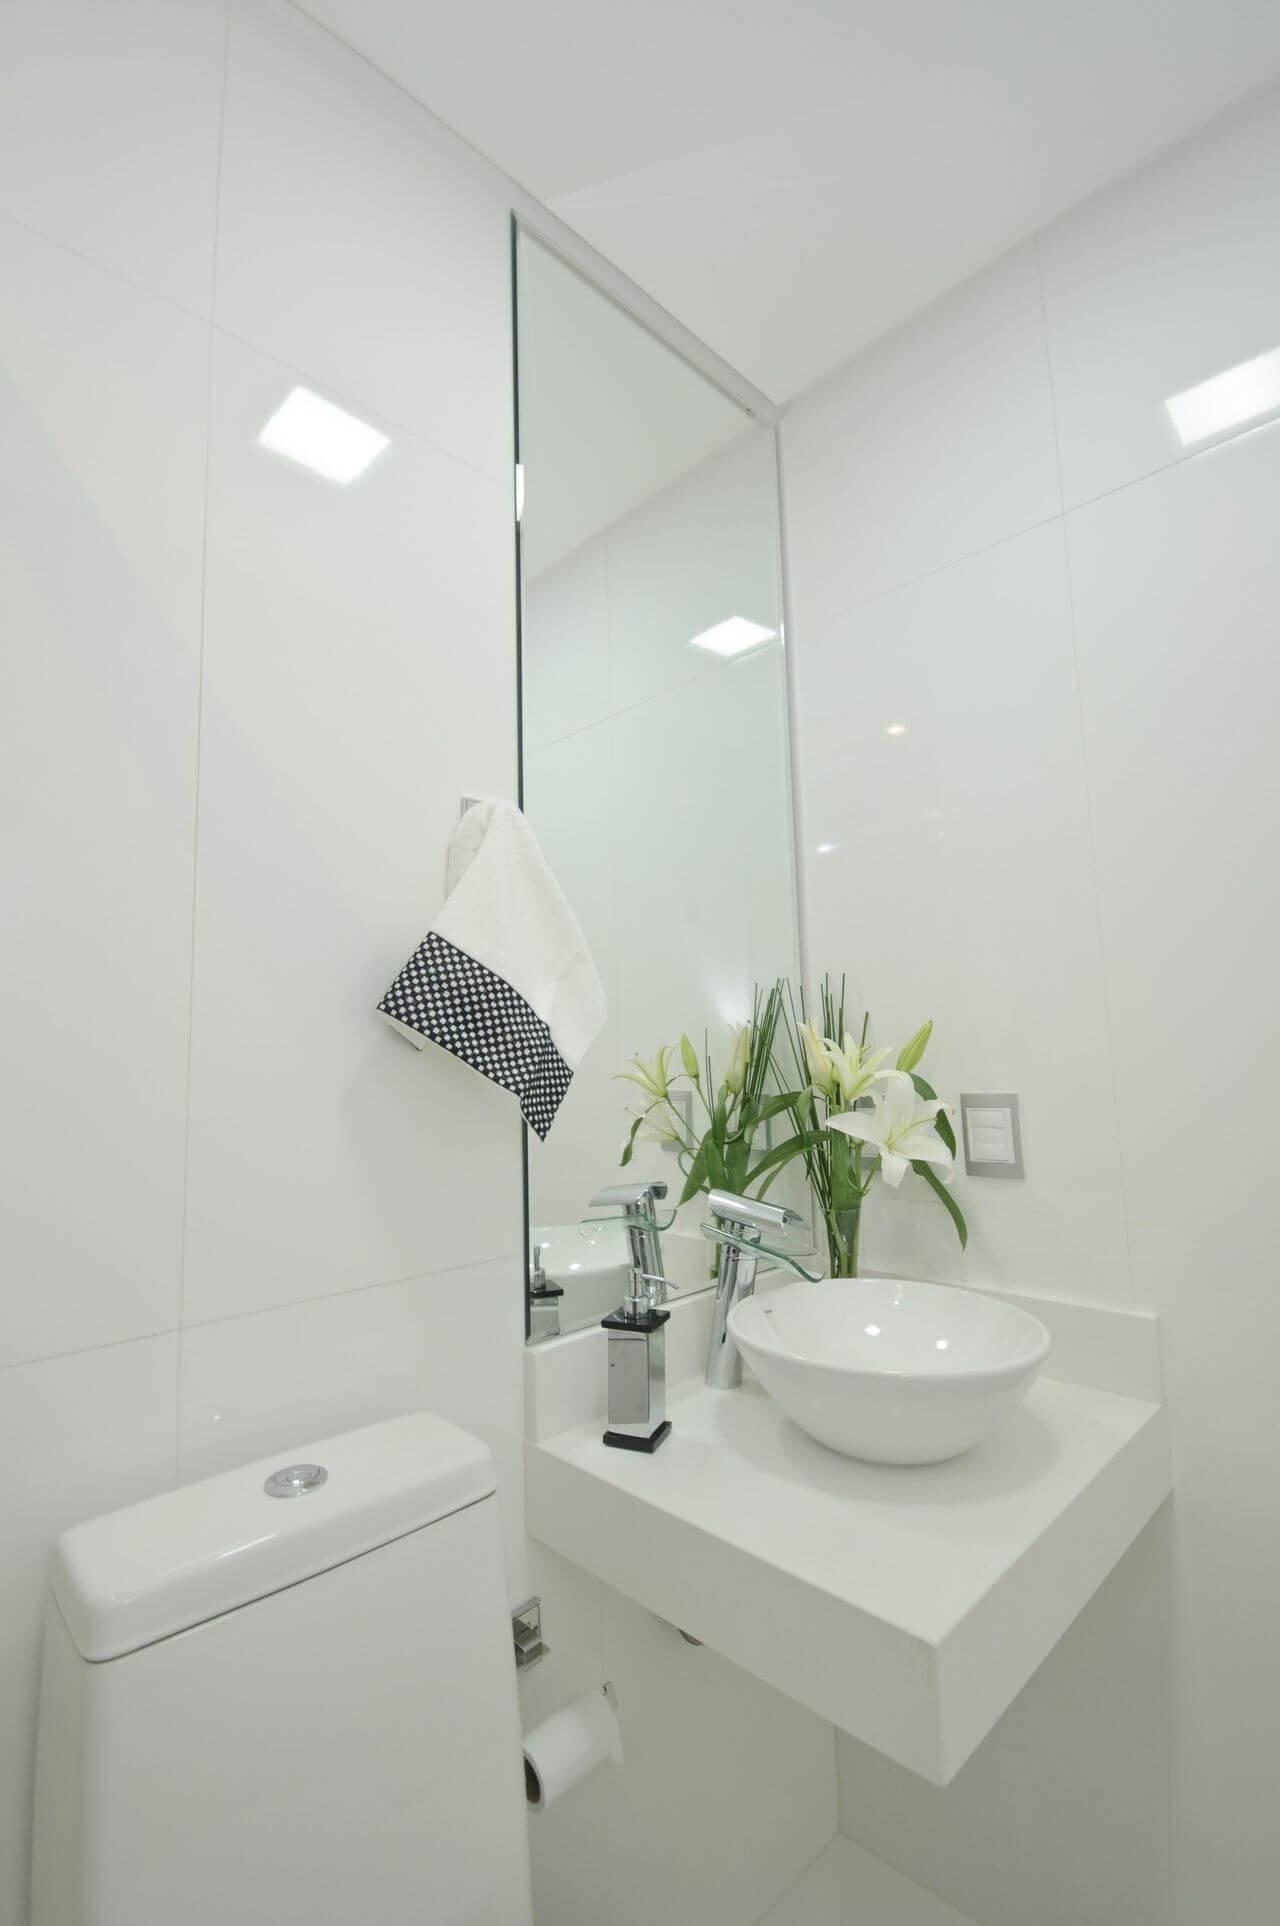 torneira para pia de banheiro - lavabo com pia pequena